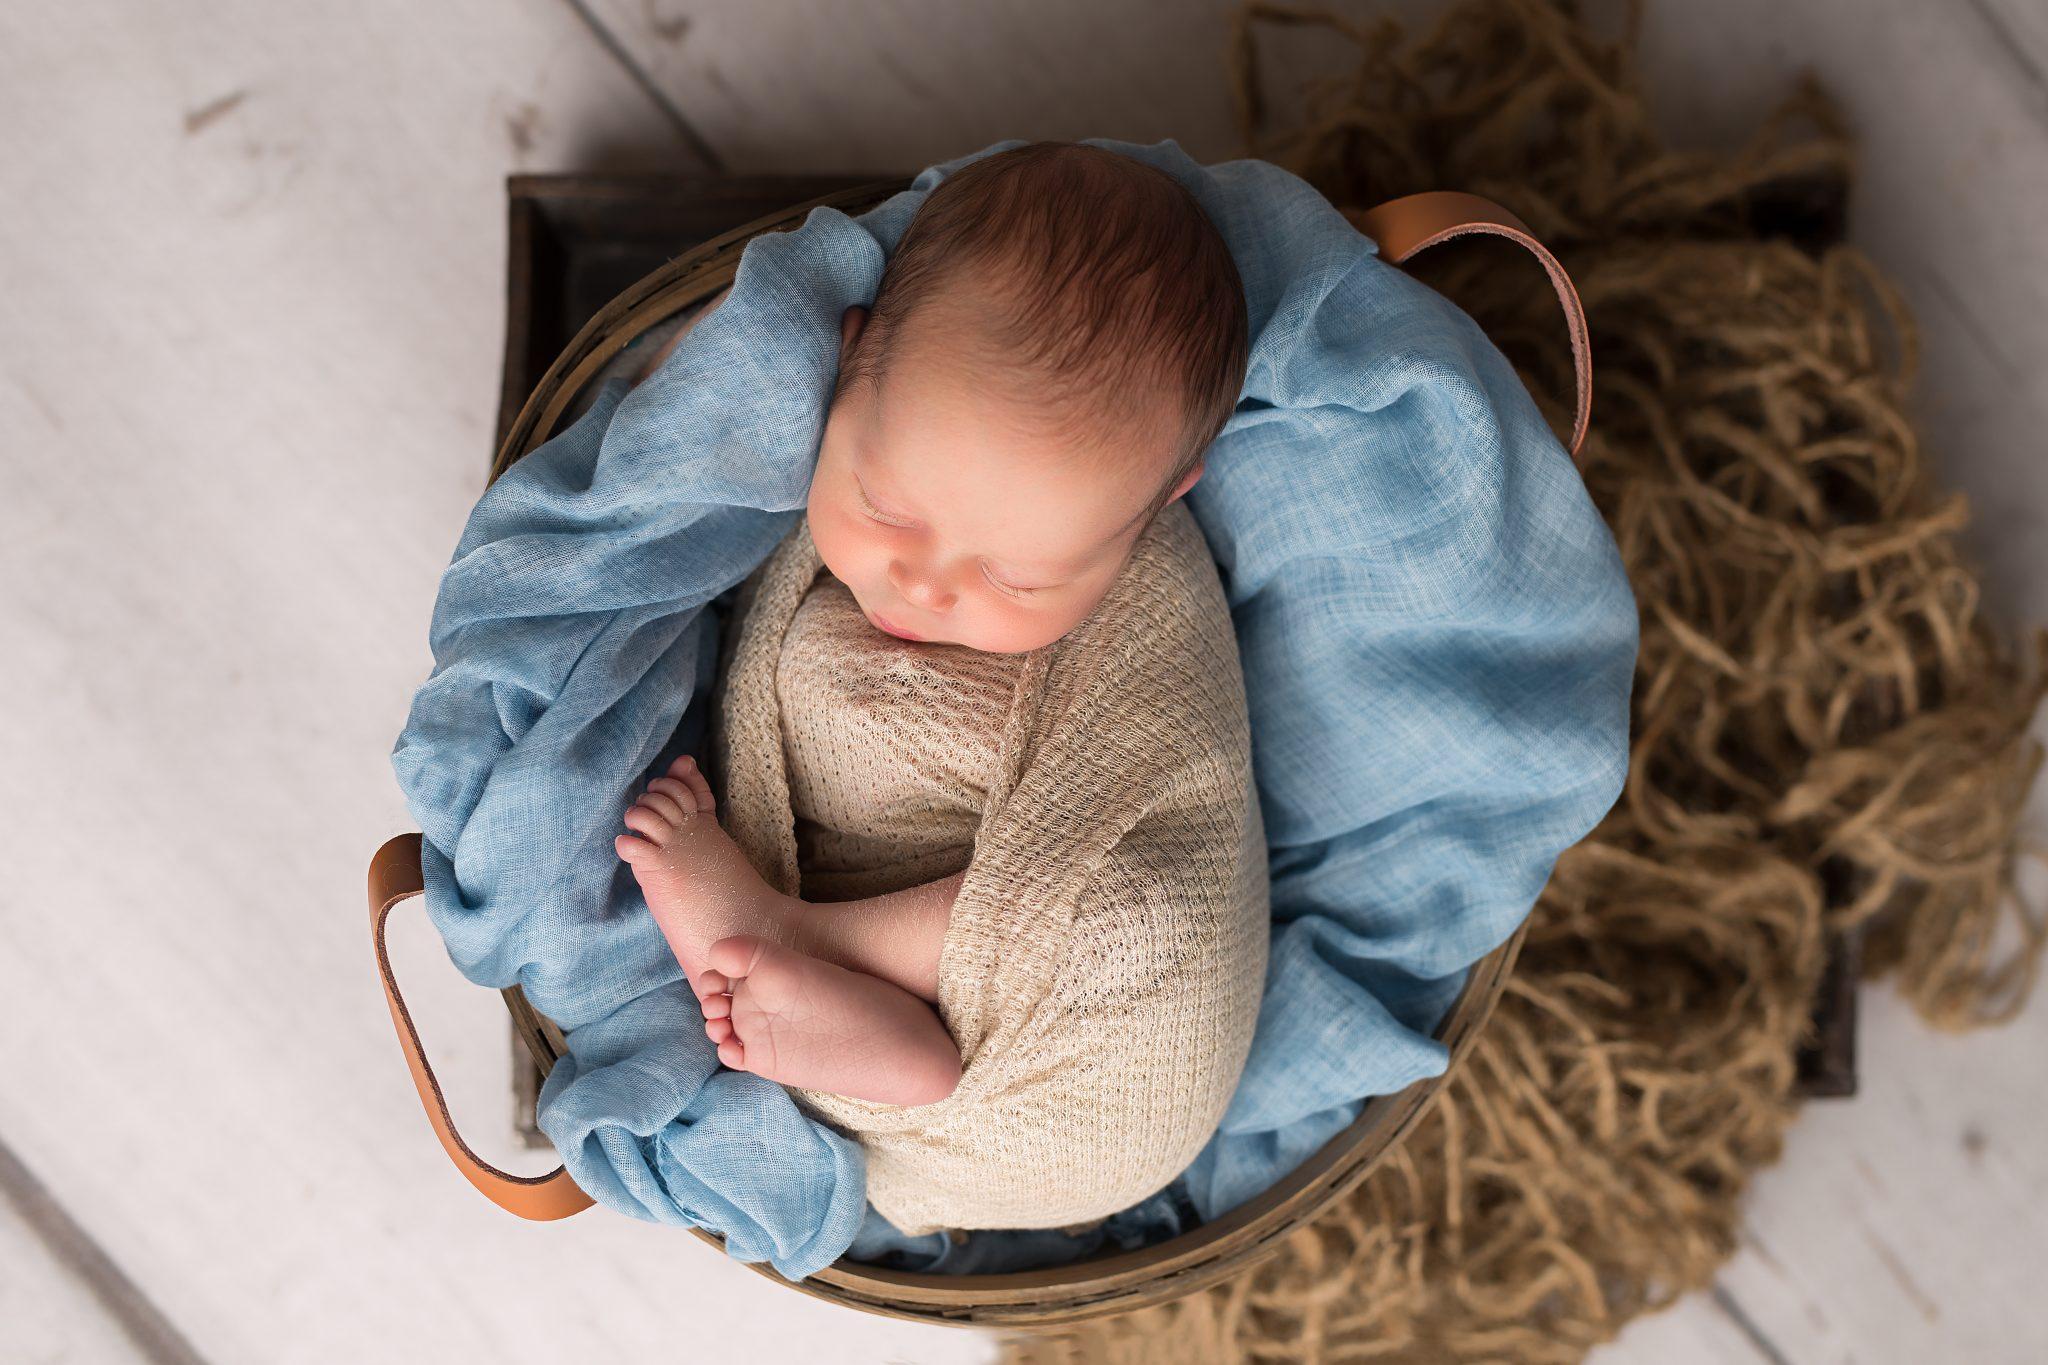 newborn baby boy in a biege wrap